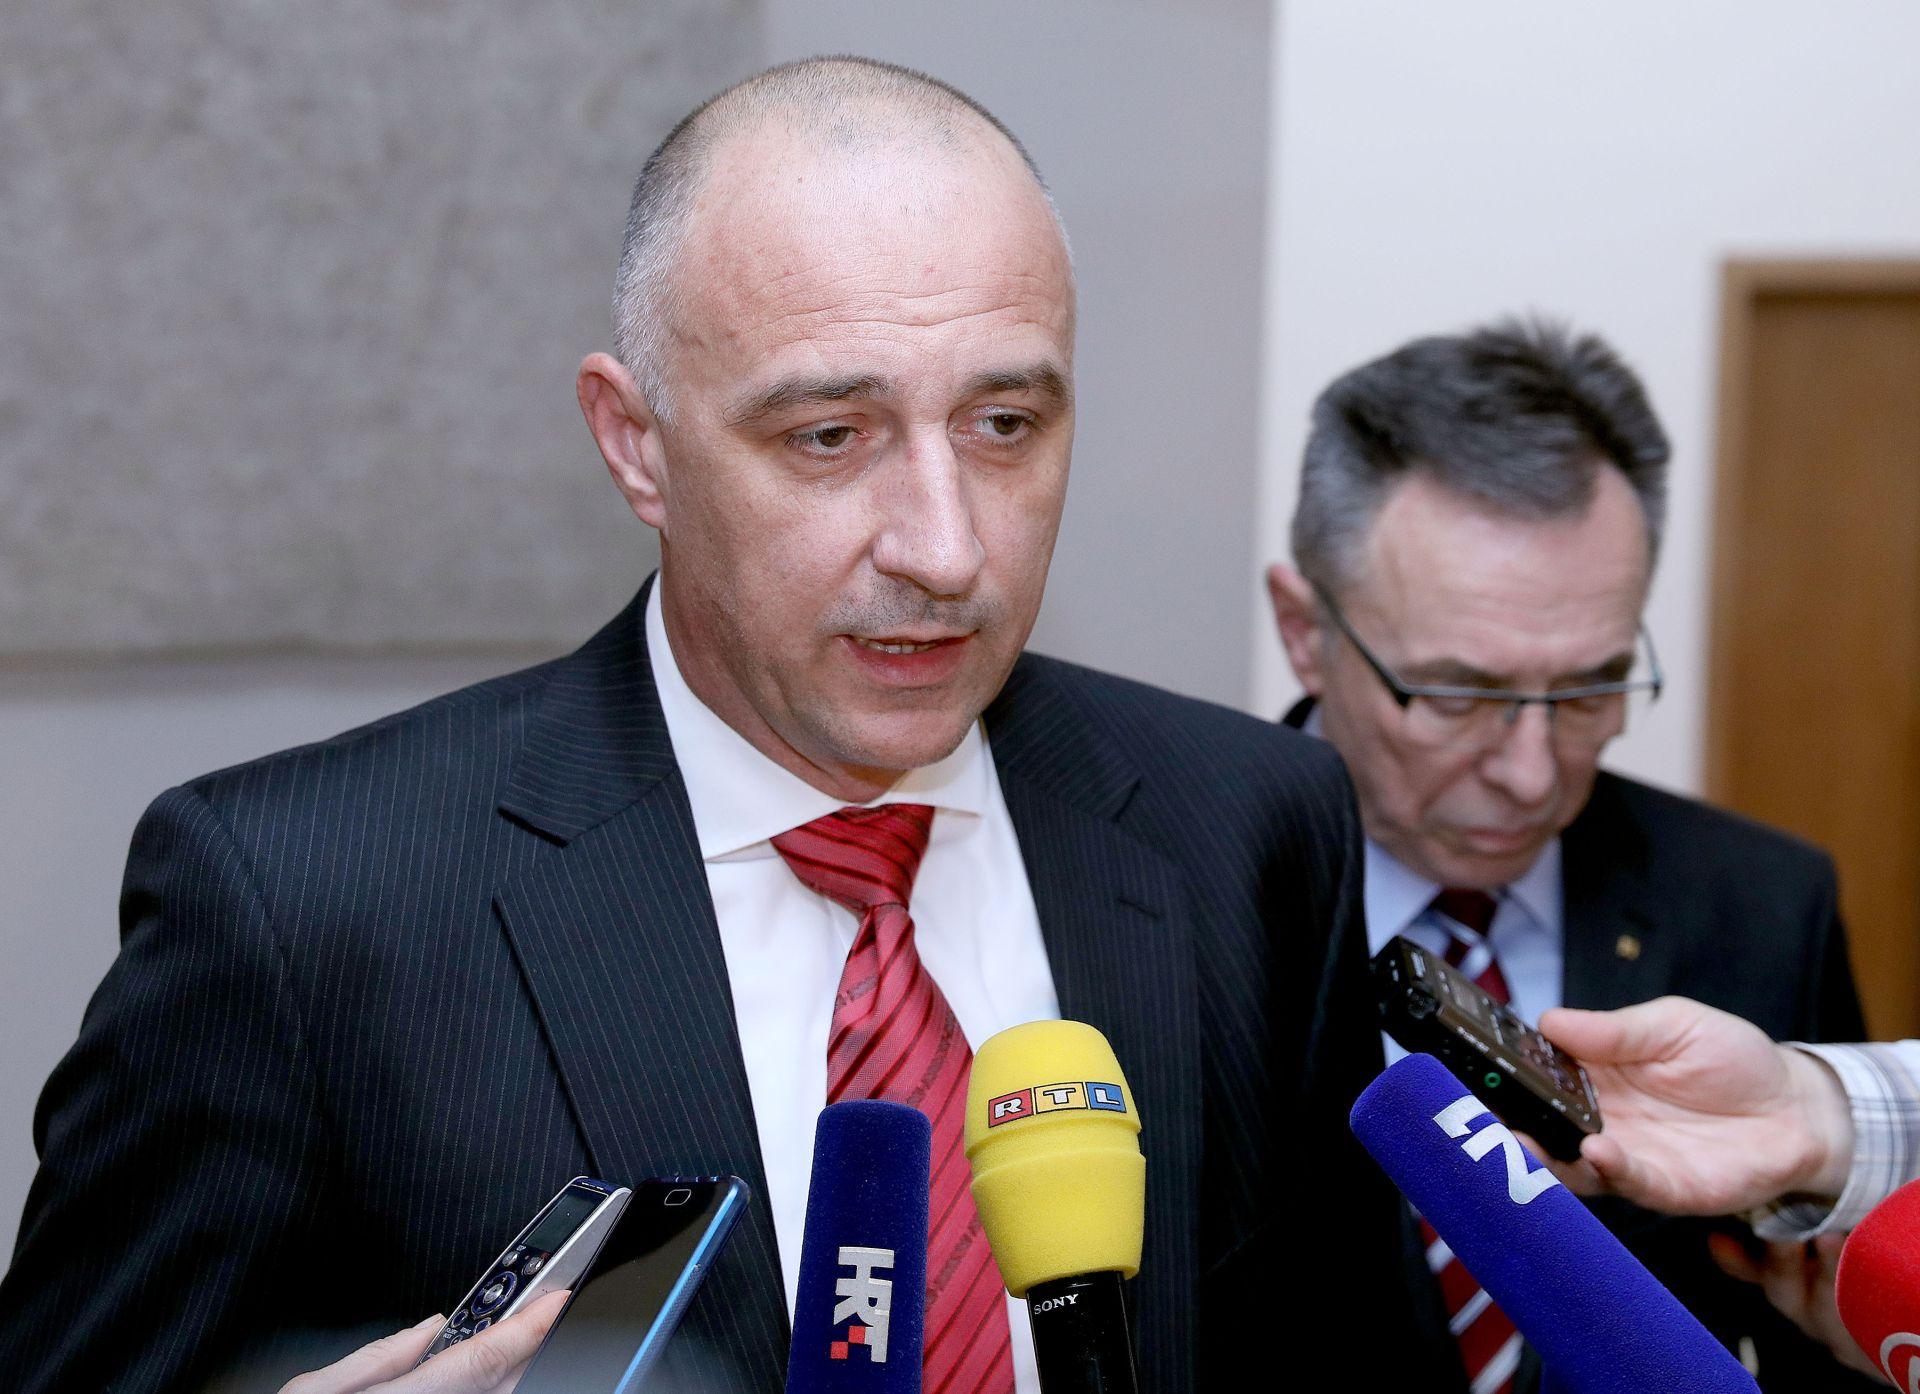 """PUCA BRAK HNS – HDZ?: """"Znakovito je da državni tajnik istupa kad ministrice nema u Hrvatskoj"""""""